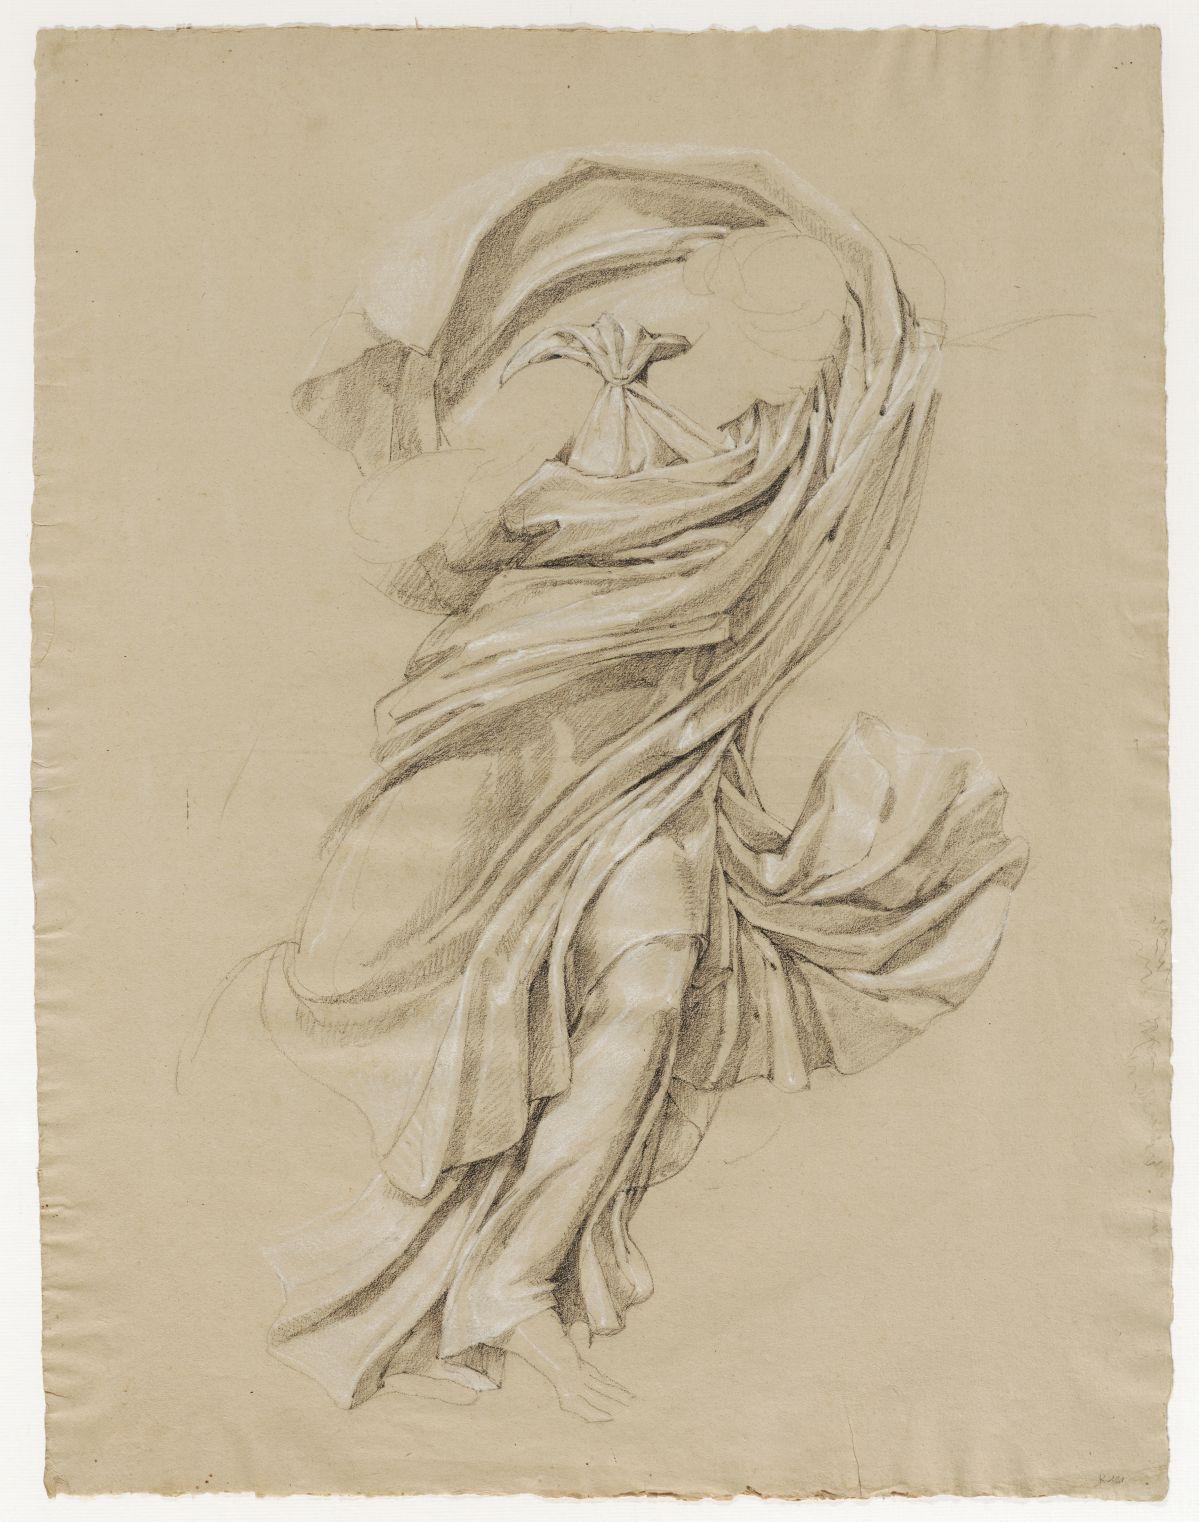 Jacques Réattu - Plafond du Grand-Théâtre de Marseille, étude de draperie pour une muse Arles, 1819. pierre noire avec rehaut de craie blanche. 59,2 x 44,6 cm